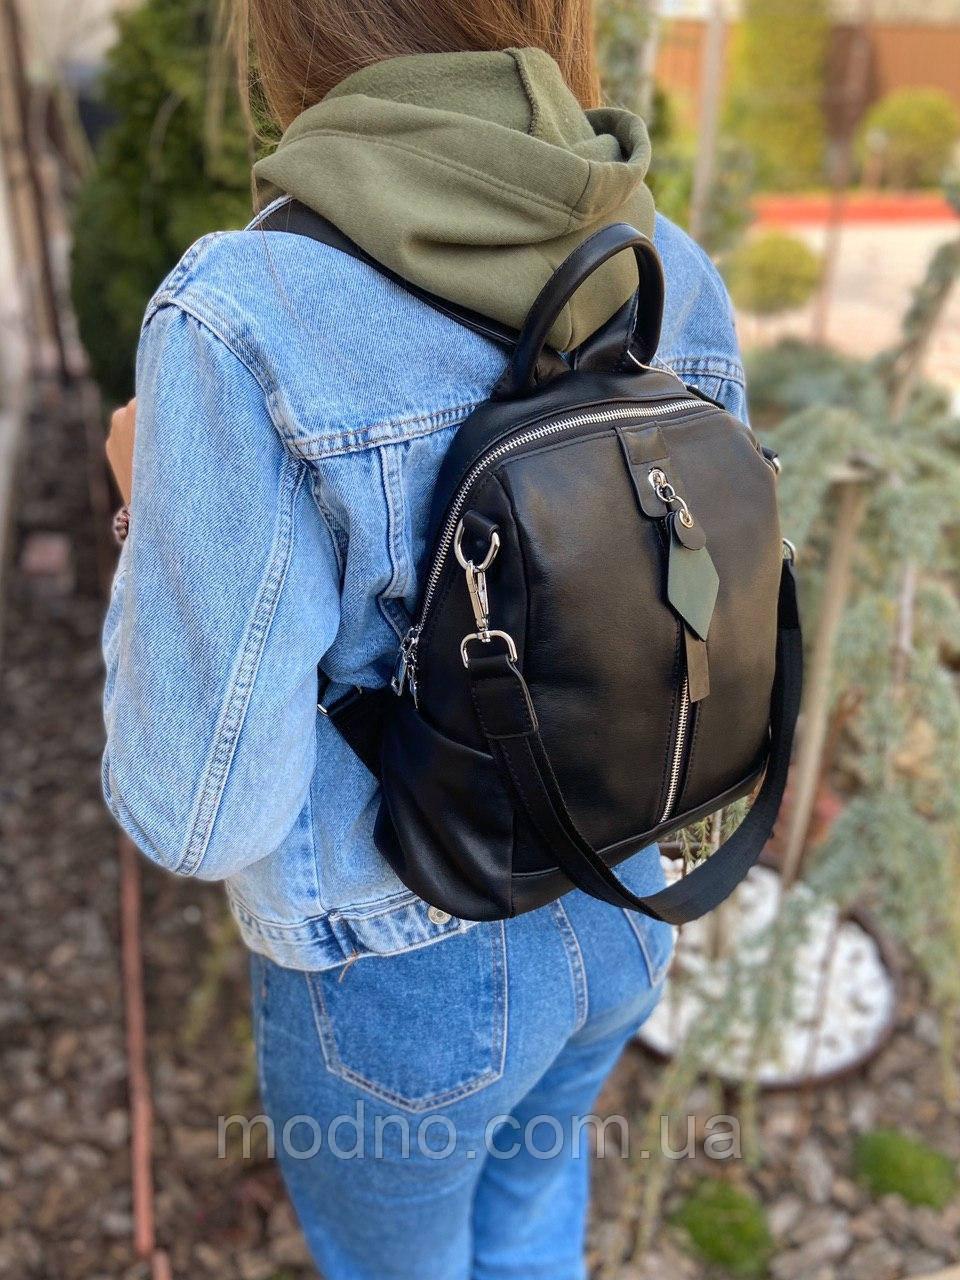 Жіночий шкіряний міський рюкзак на одне відділення чорний